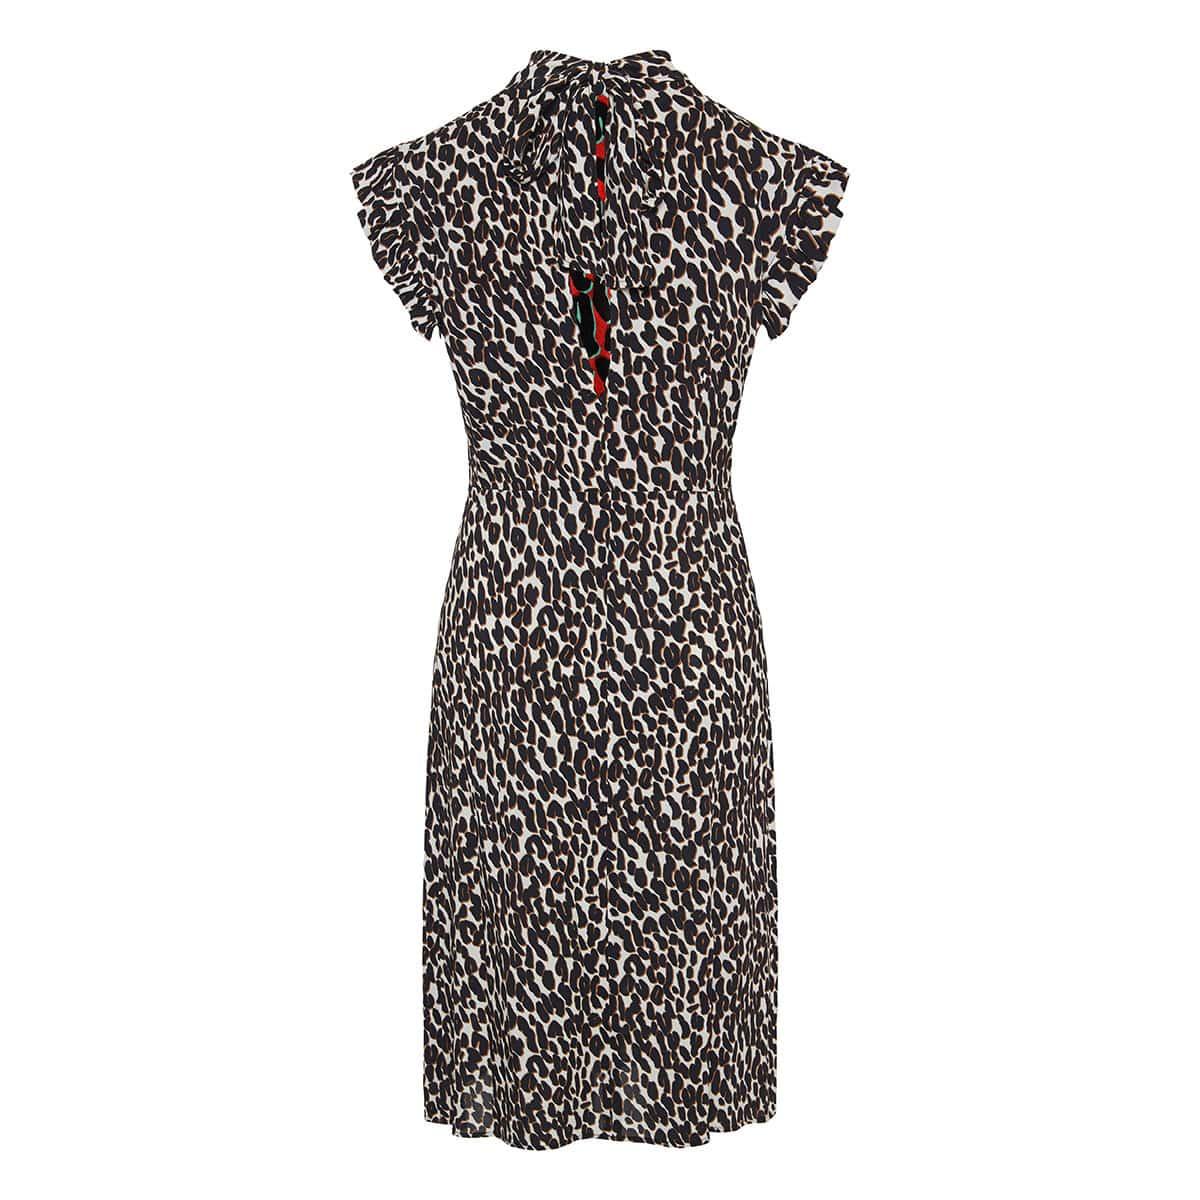 Bon Ton leopard crepe midi dress